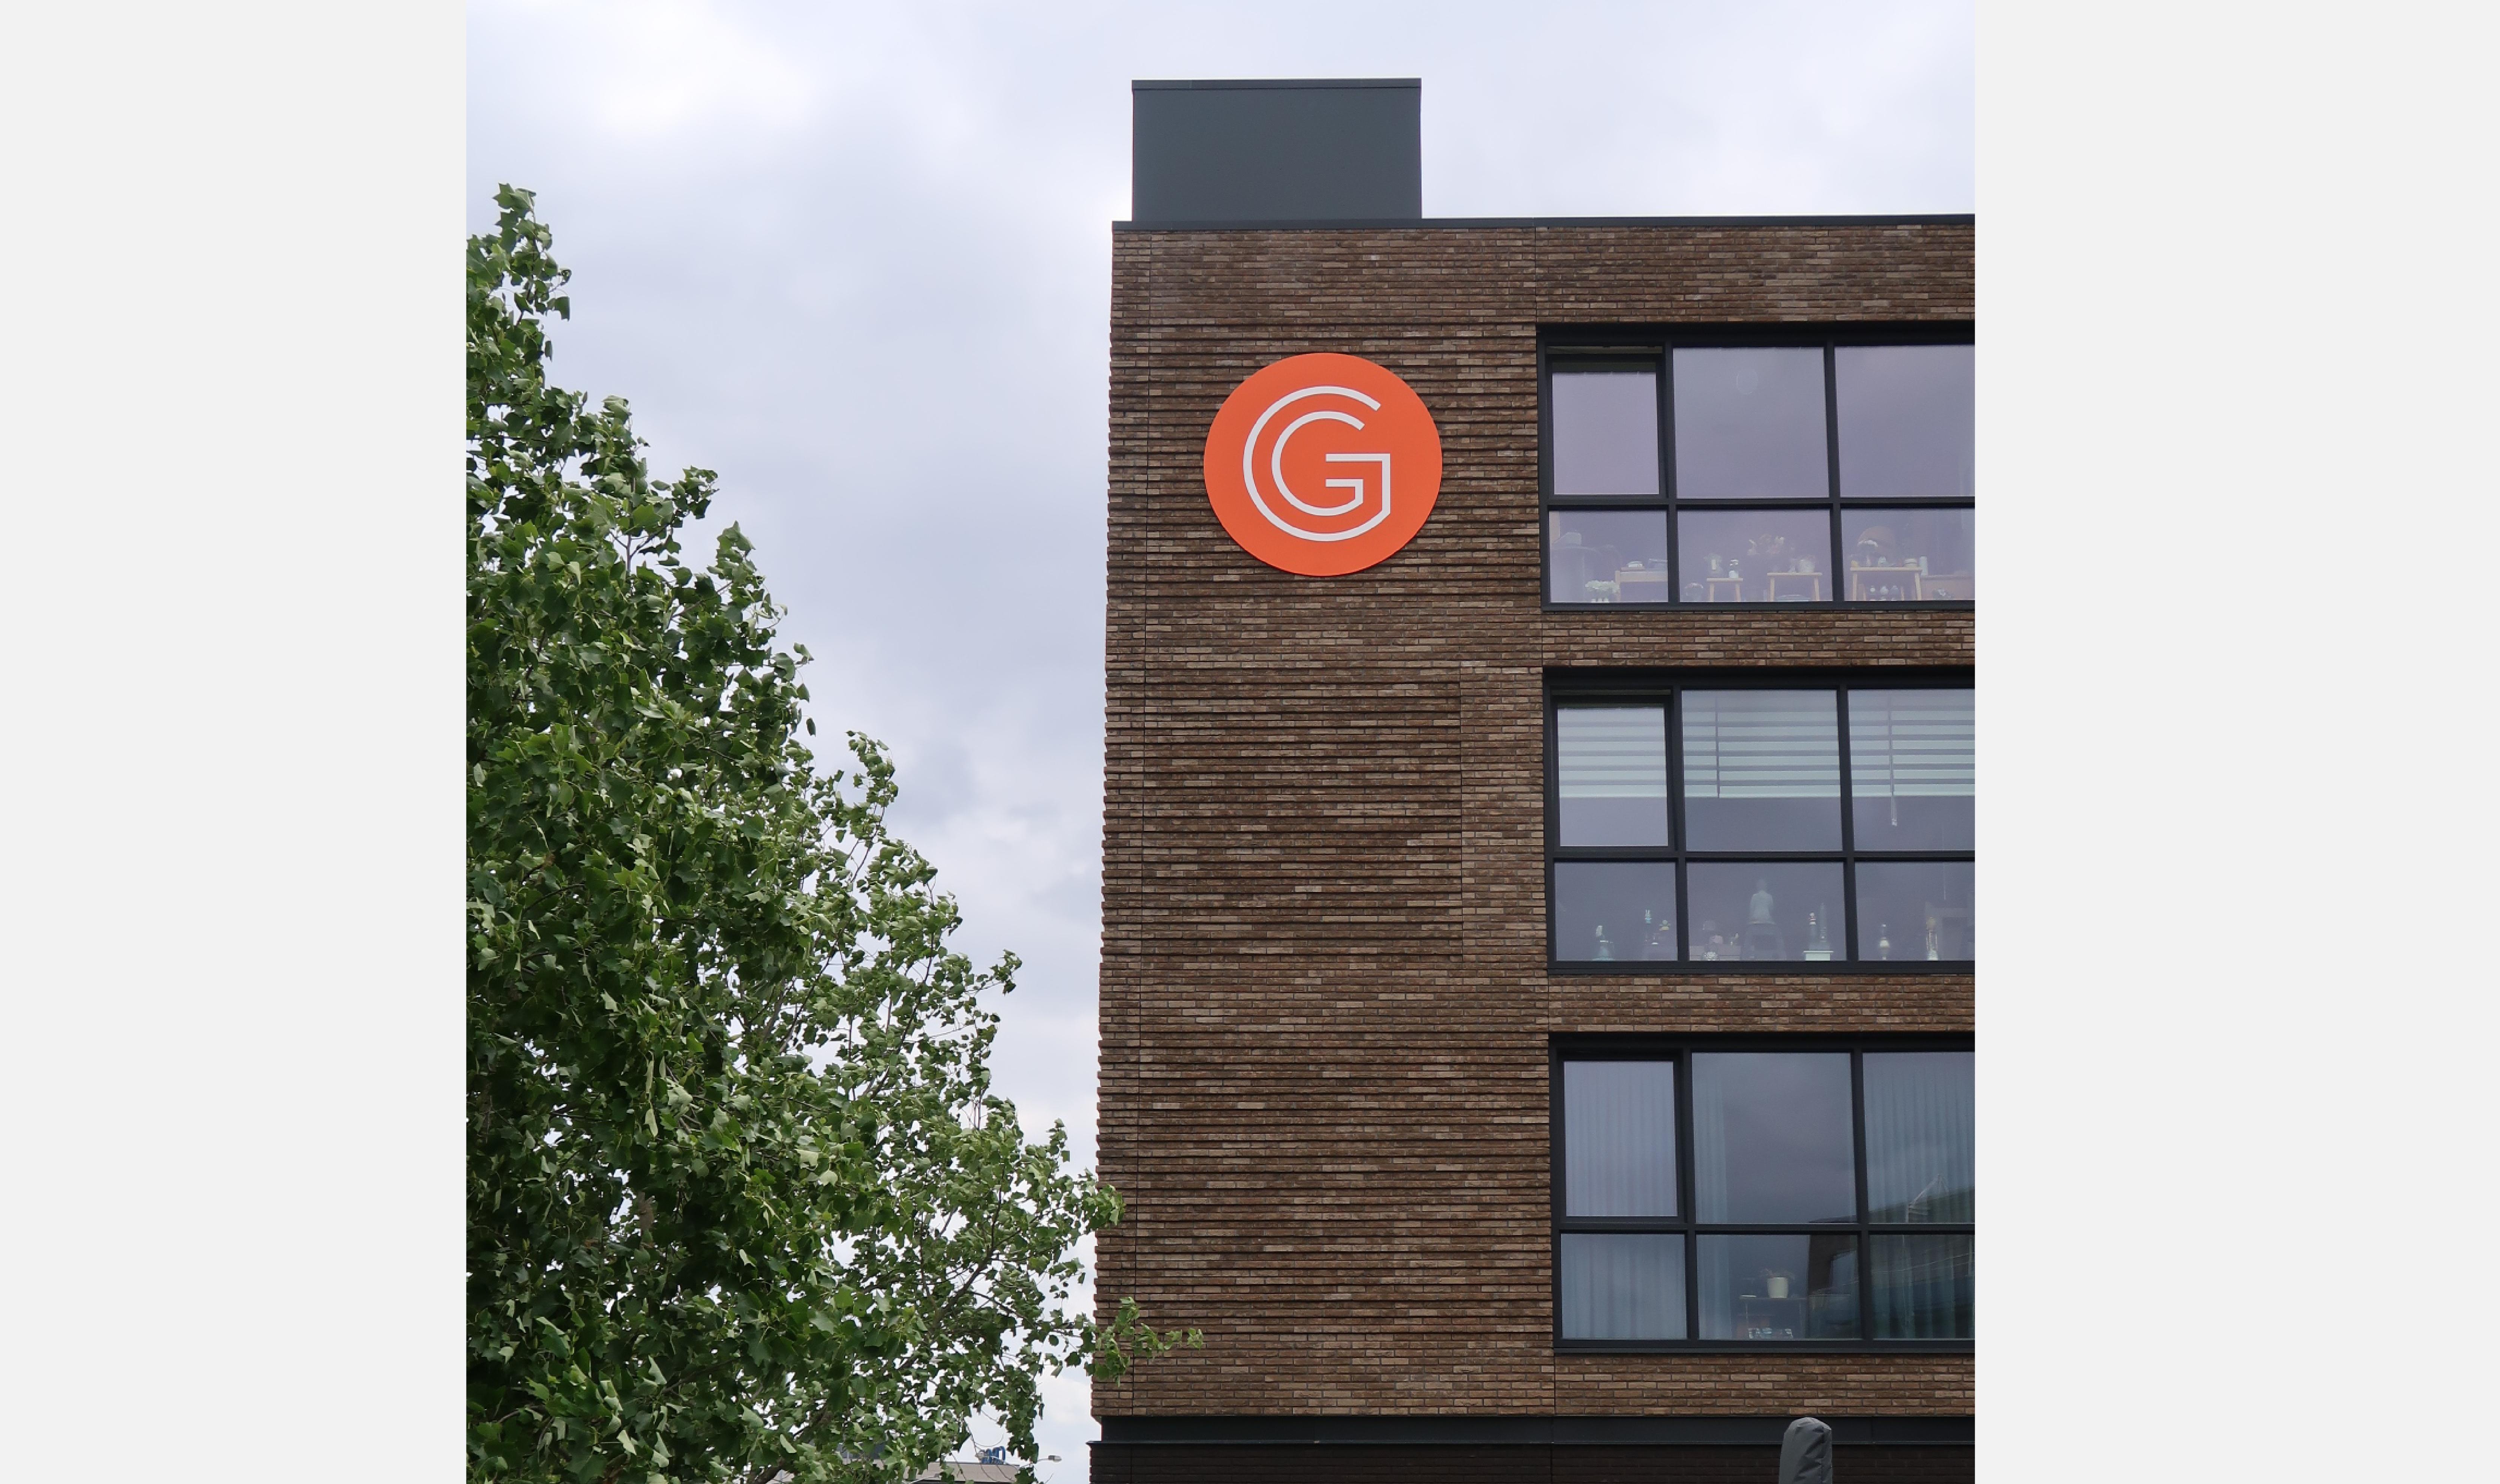 Nieuw logo op gevel De Gelderhorst